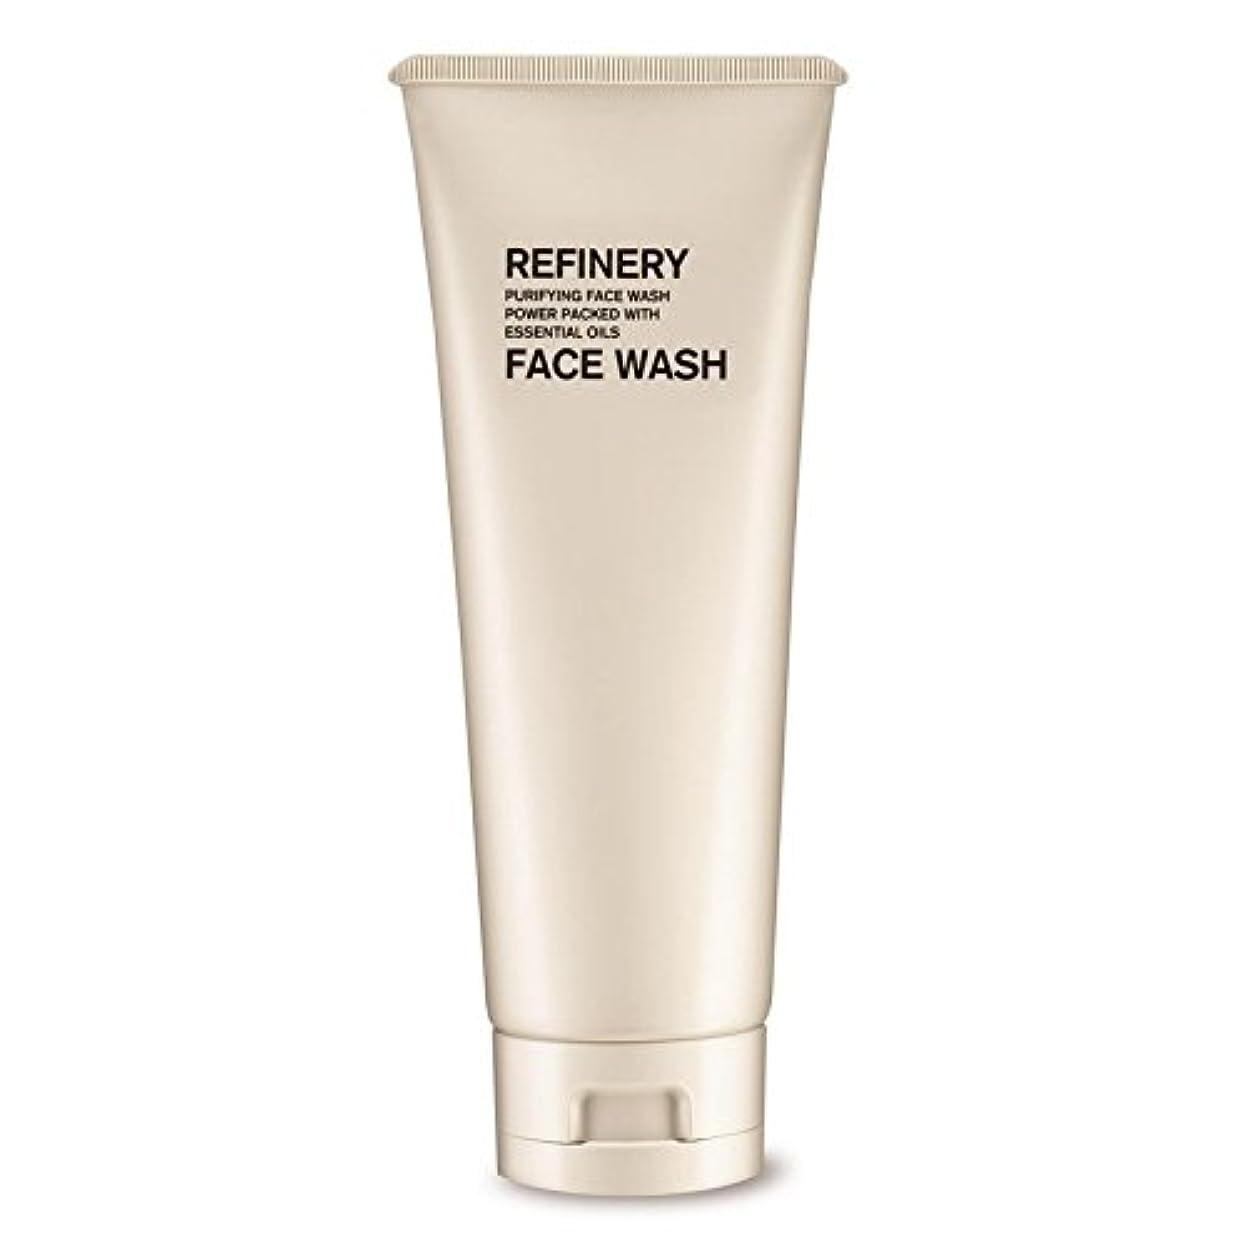 発行依存する爪The Refinery Face Wash 100ml - 製油所洗顔の100ミリリットル [並行輸入品]